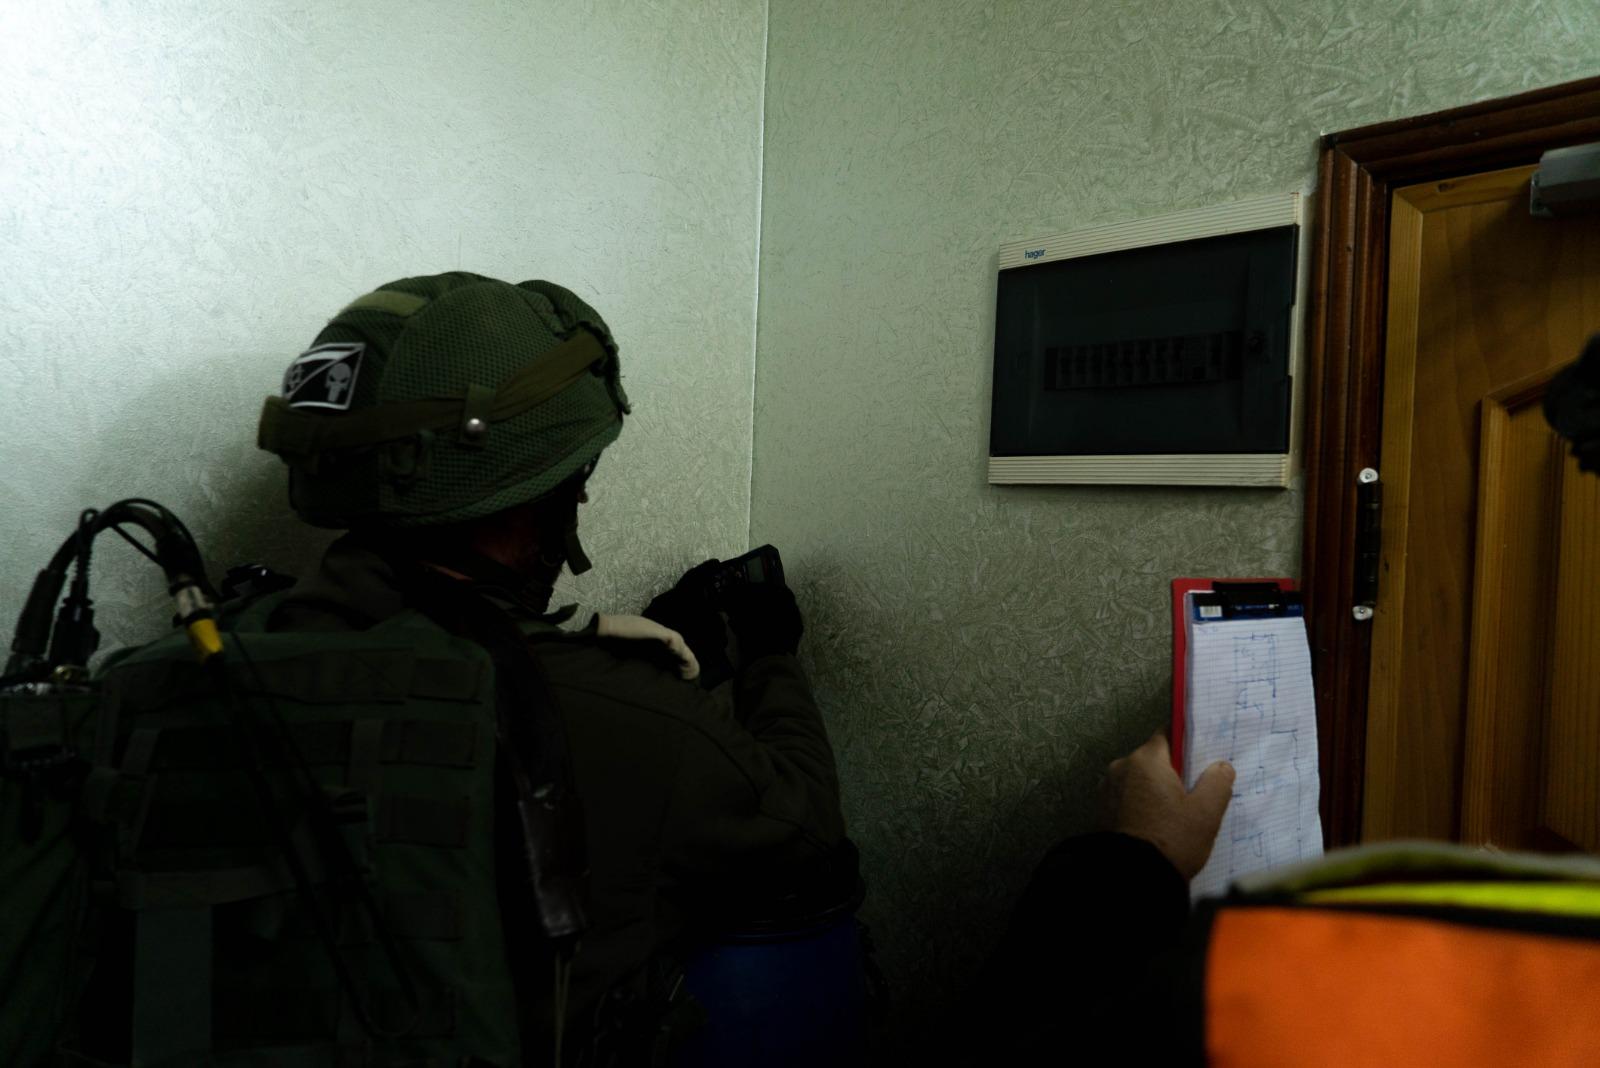 חייל בבית המחבל